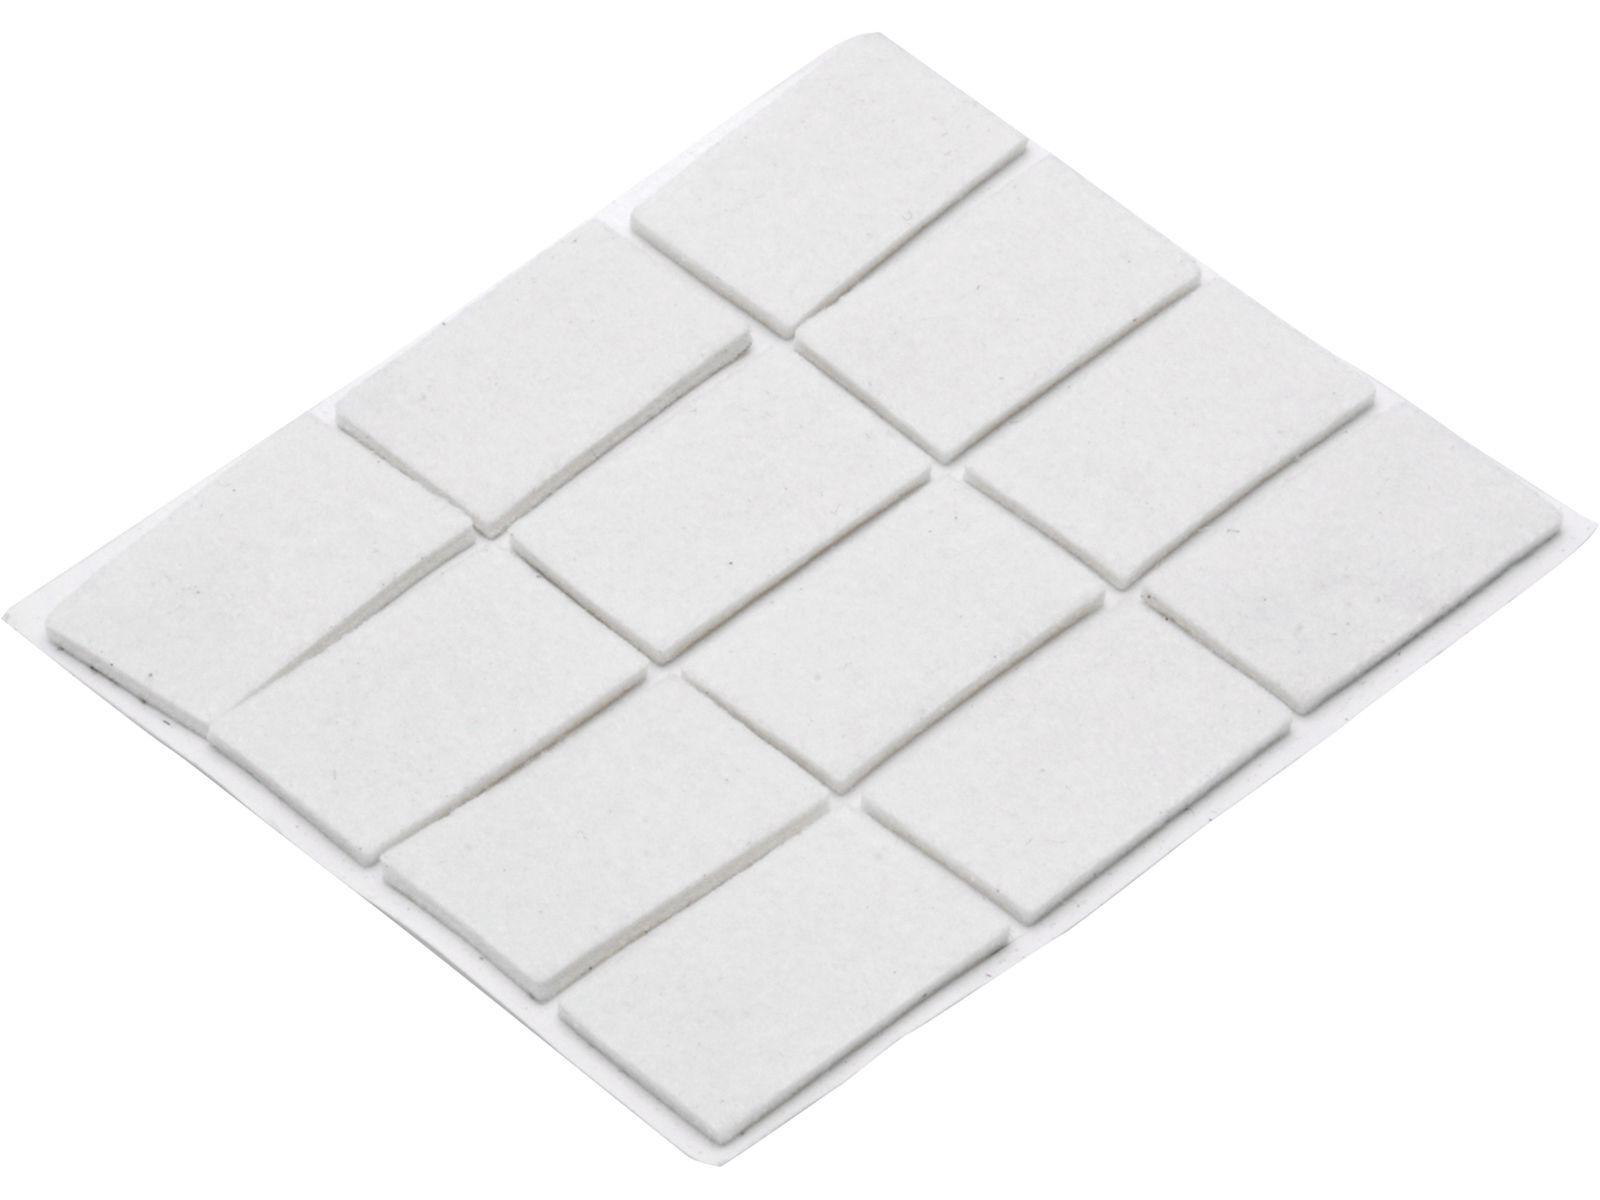 Bilde av Møbelfilt selvklebende hvit 22x22 A12